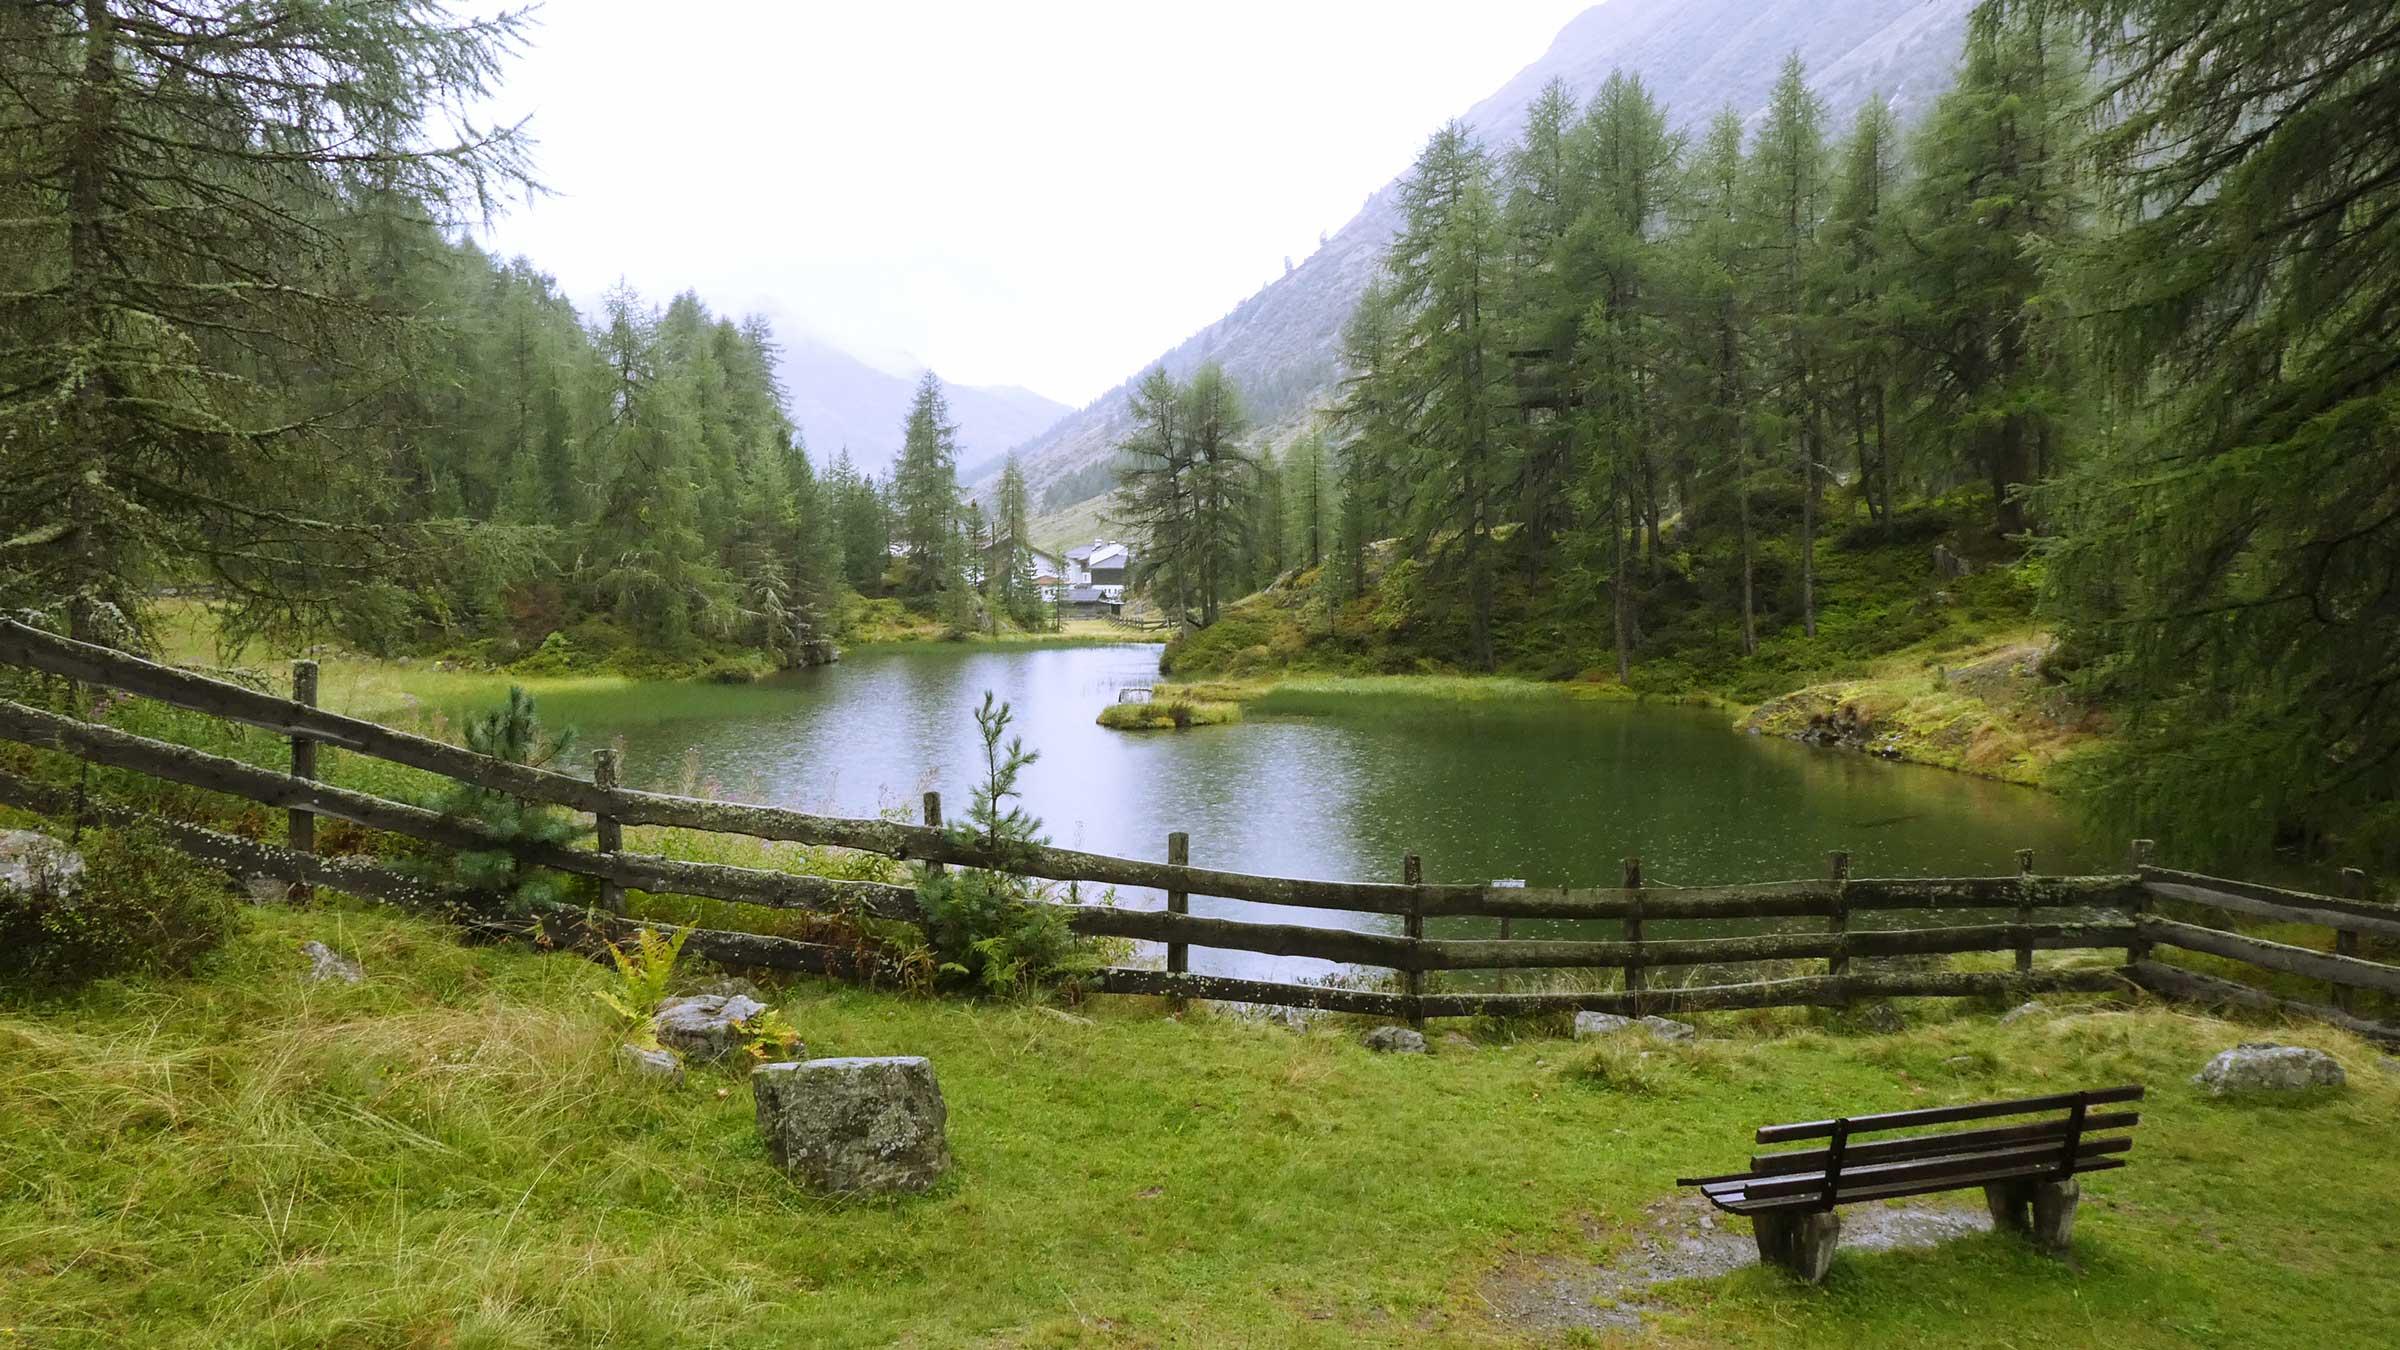 Der Pillersee bei Obergurgl - Unterwegs auf dem Ötztaler Urweg